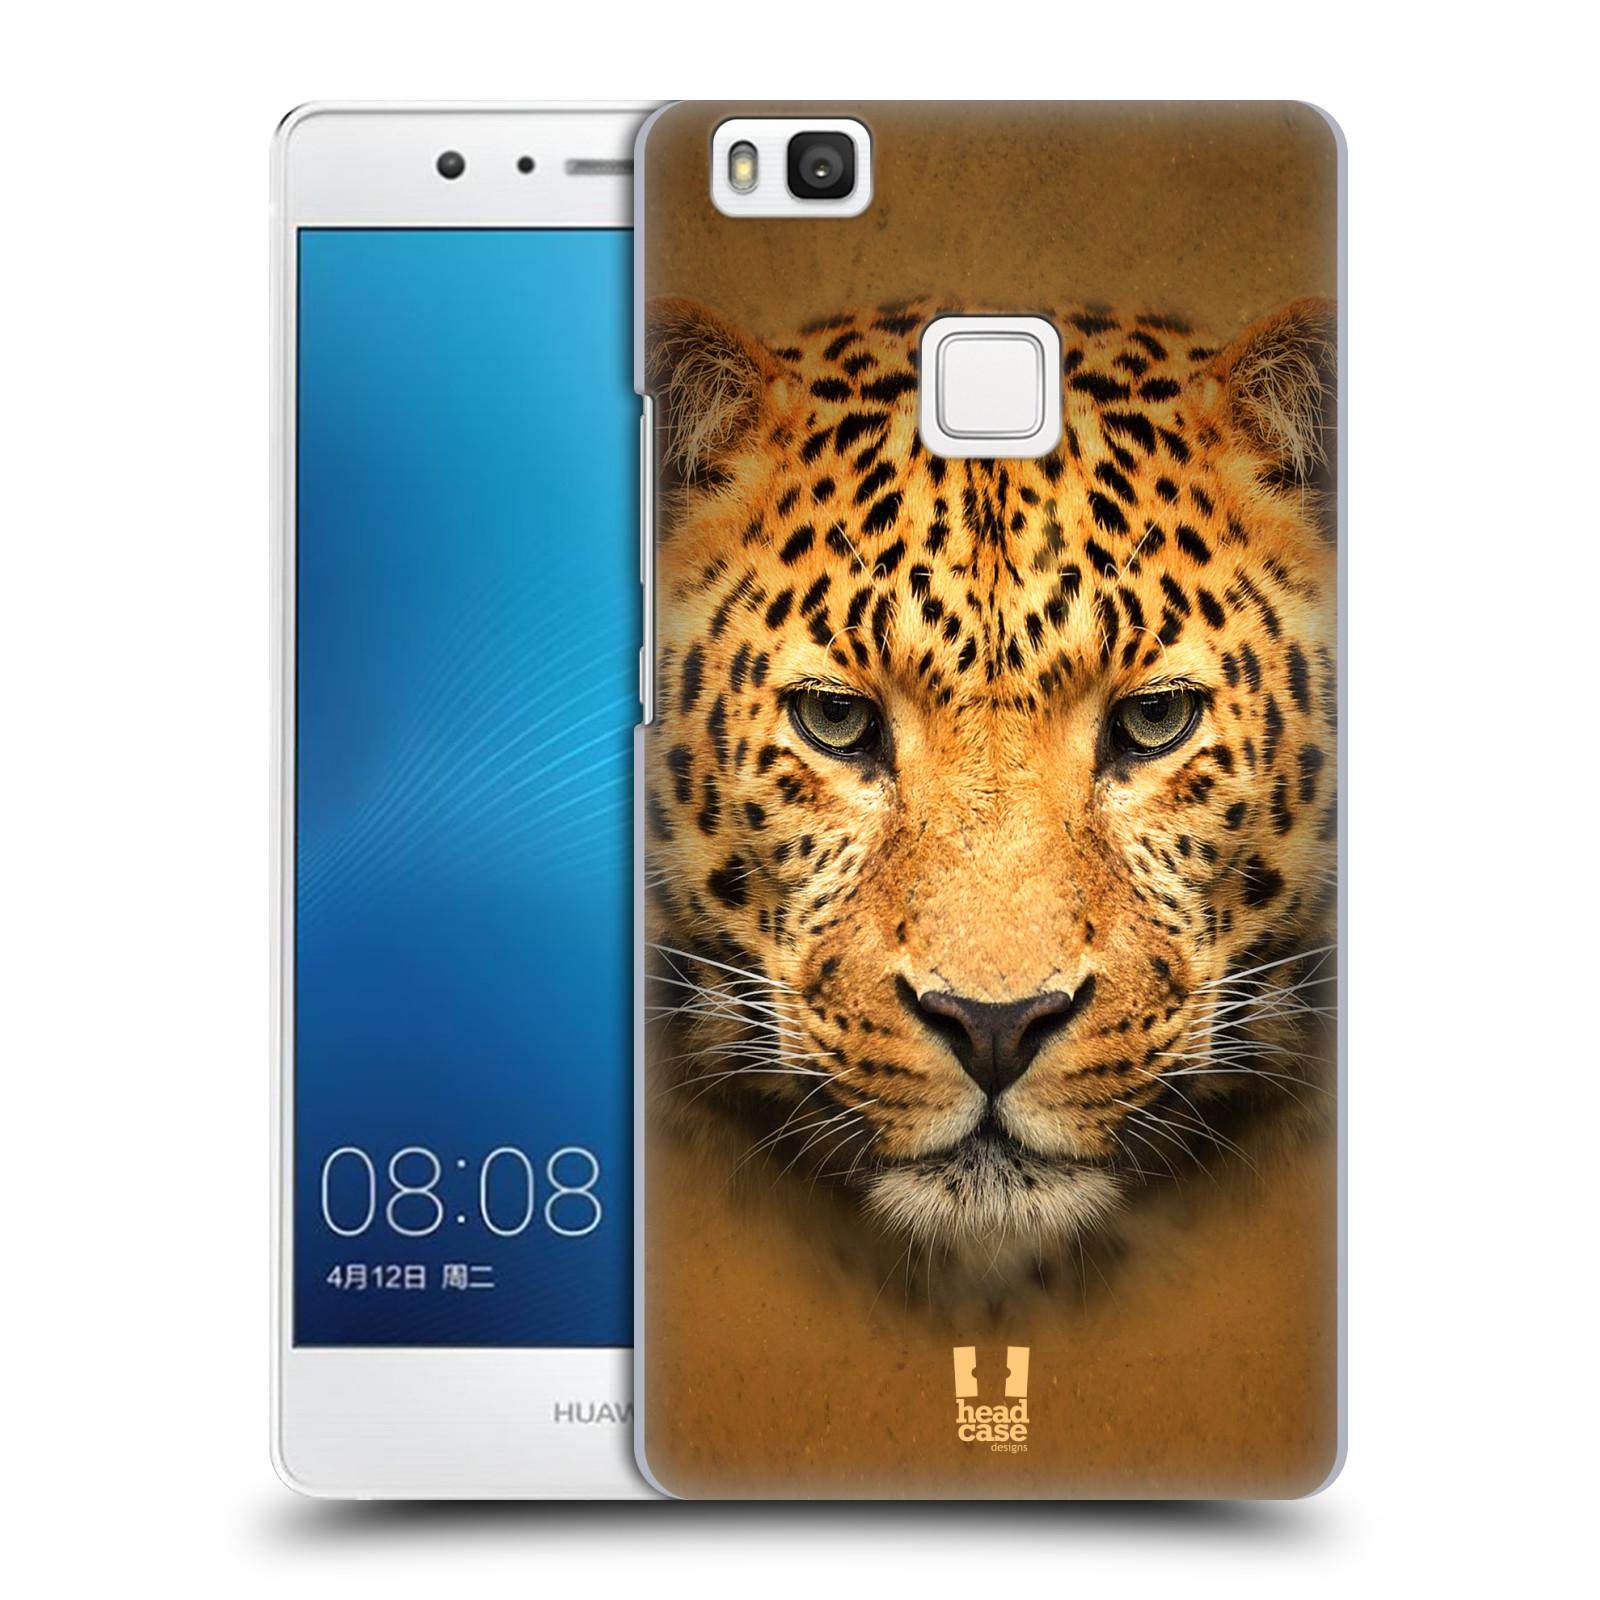 HEAD CASE plastový obal na mobil Huawei P9 LITE / P9 LITE DUAL SIM vzor Zvířecí tváře 2 leopard